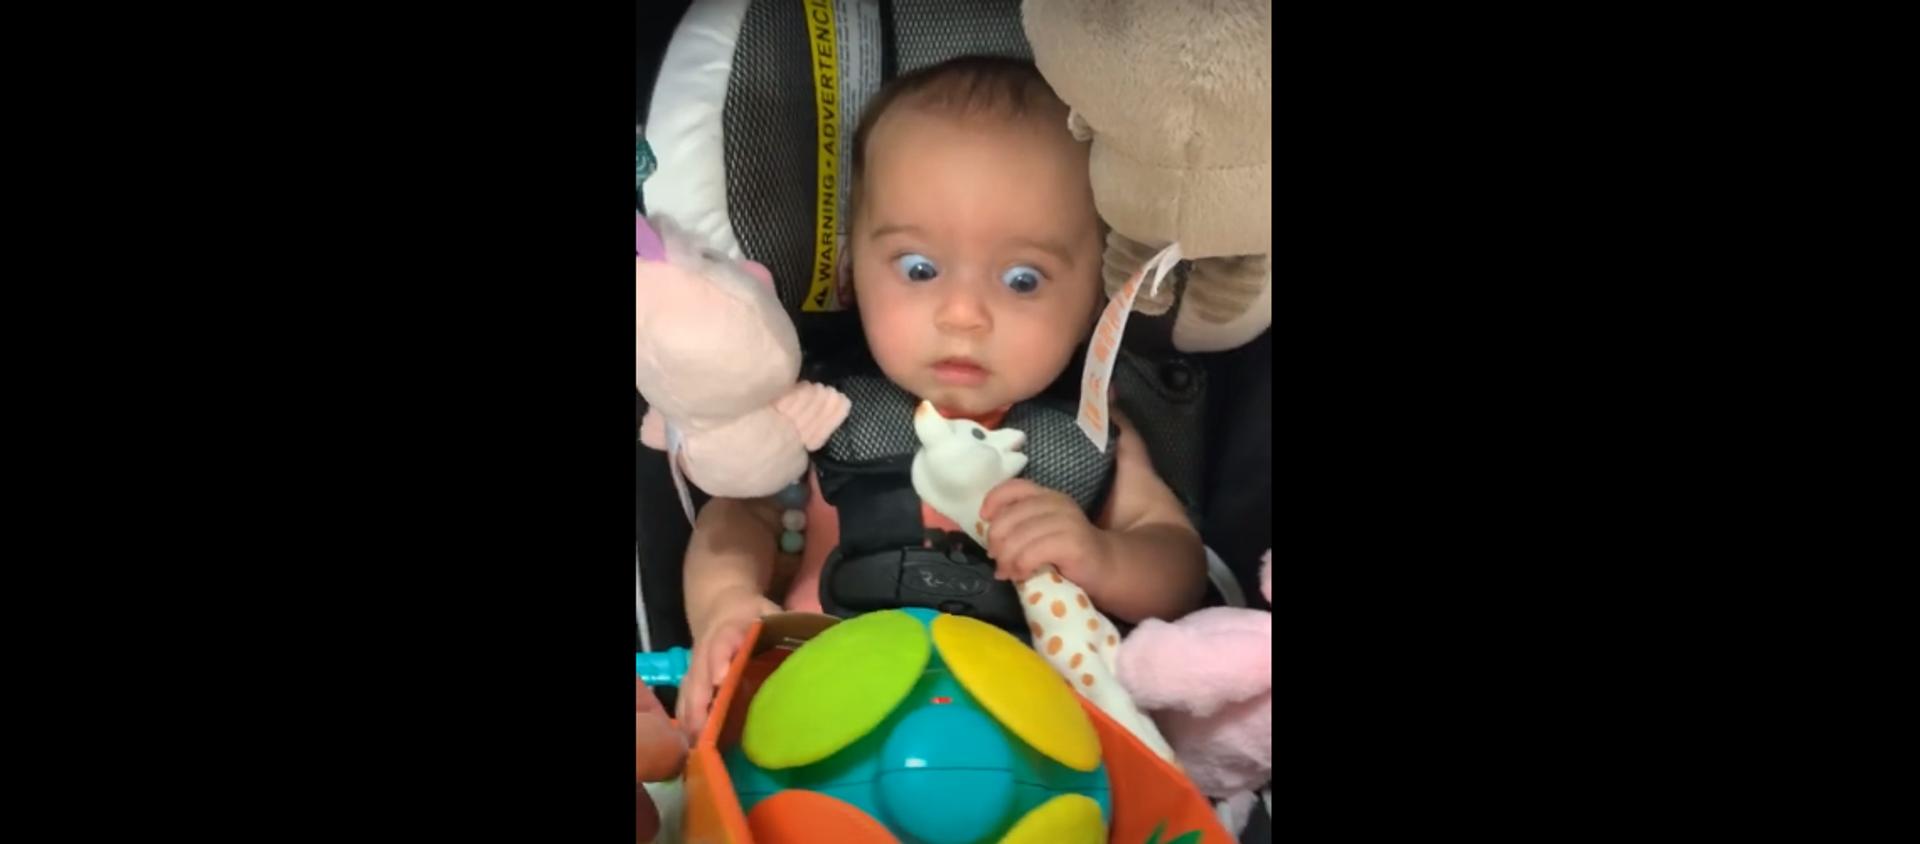 ¿Mamá, qué es esto? La graciosa reacción de una niña con un juguete - Sputnik Mundo, 1920, 02.01.2021